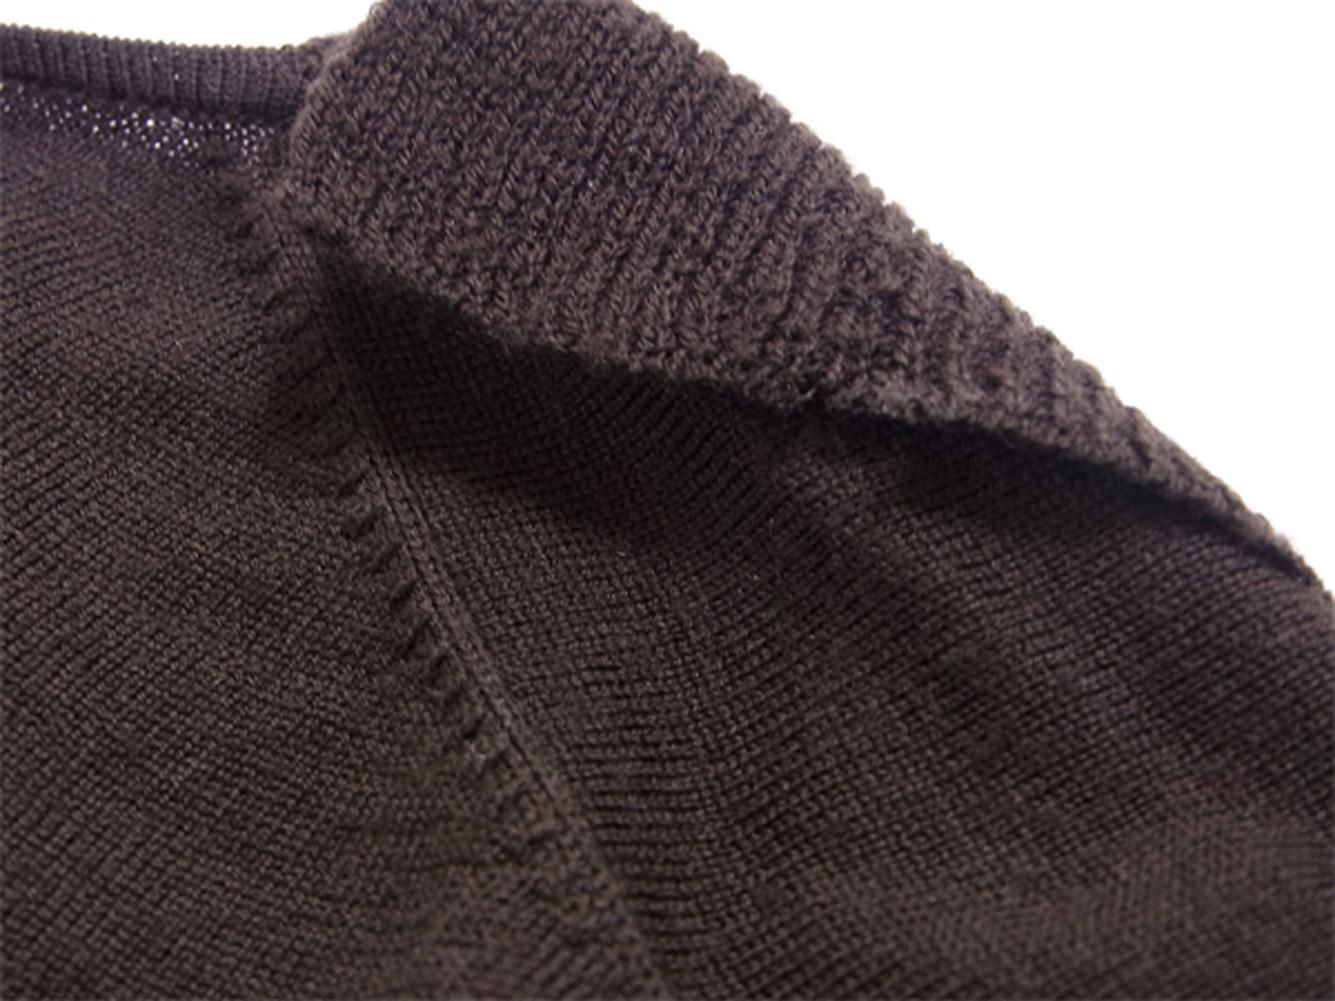 ウールWOOL/100% 衿付き カーディガン ニット ジバンシィ 【中古】 ♯XSサイズ 【送料無料】 レディース ブラウン Givenchy T5330